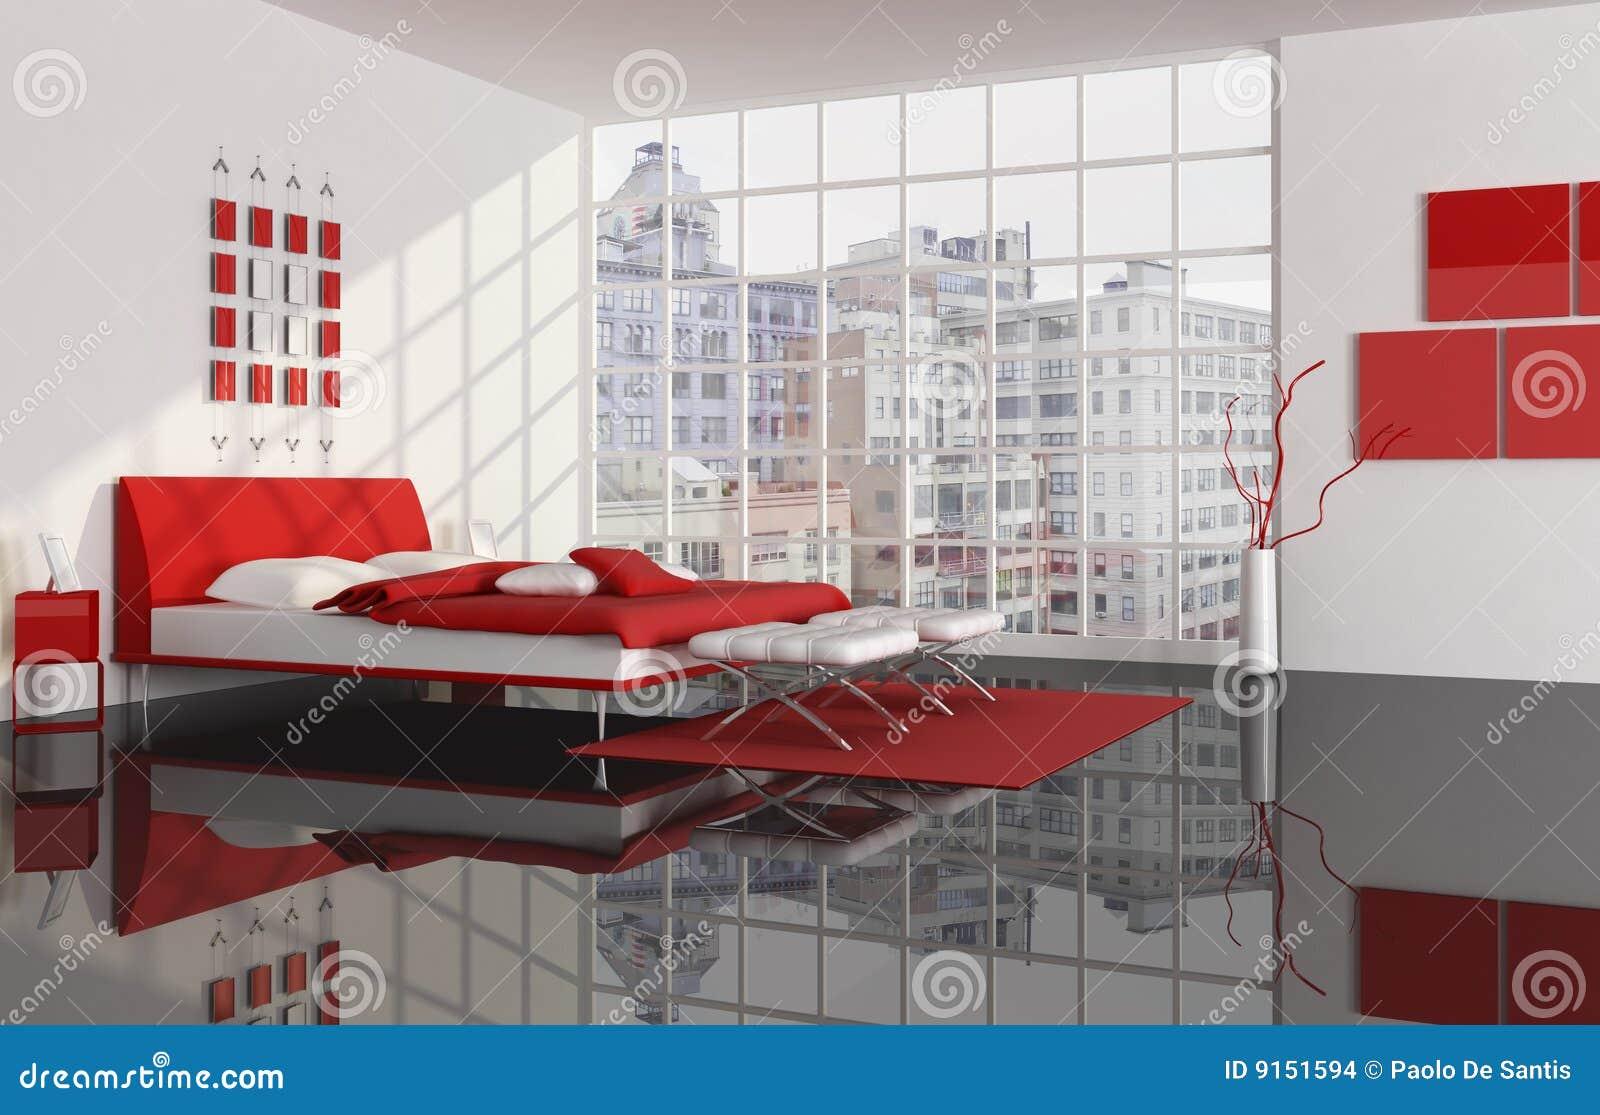 Camera Da Letto Di Un Appartamento Della Città Illustrazione di ...